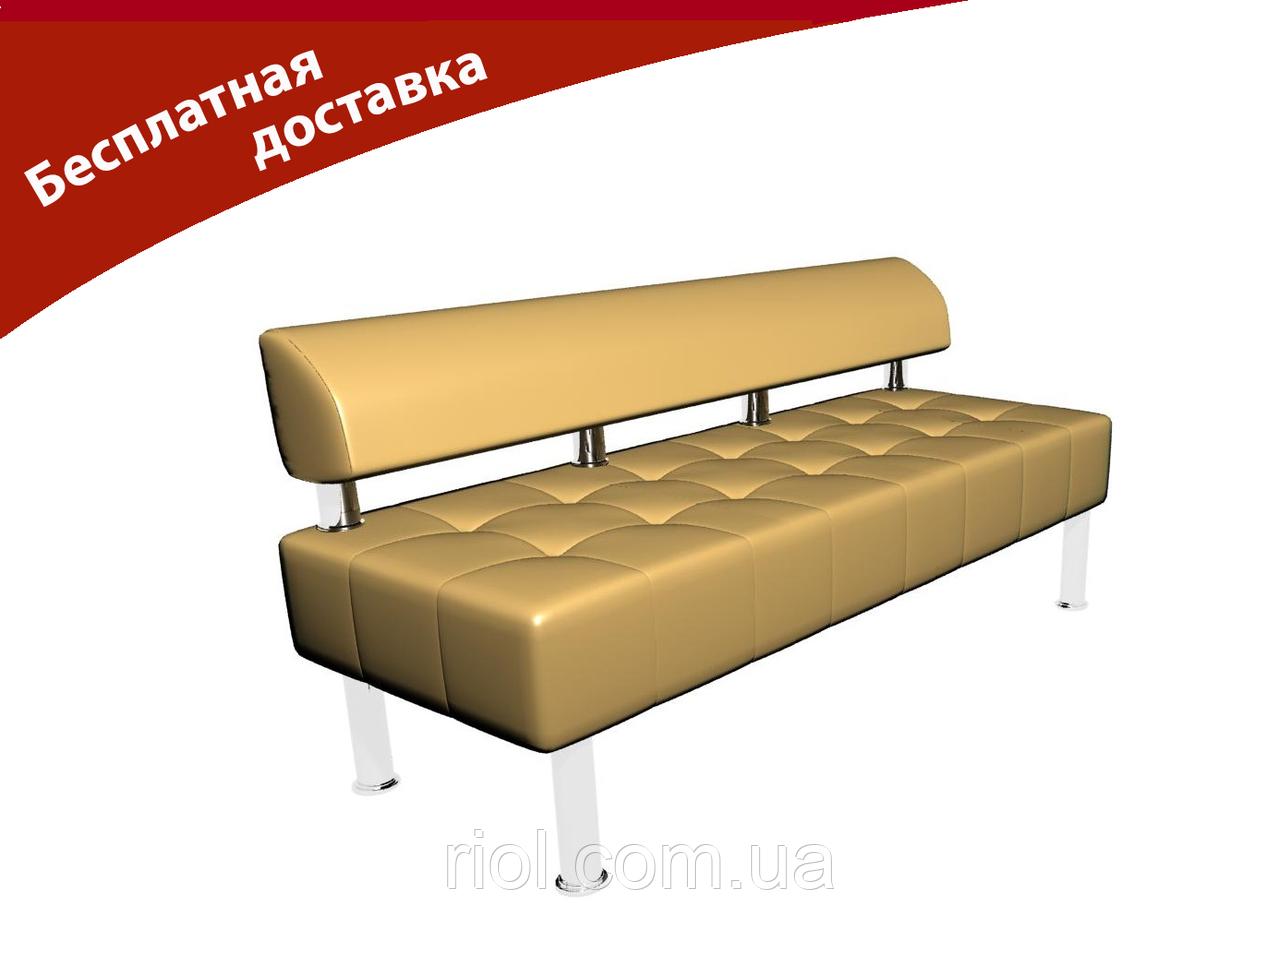 Офисный диван без подлокотников